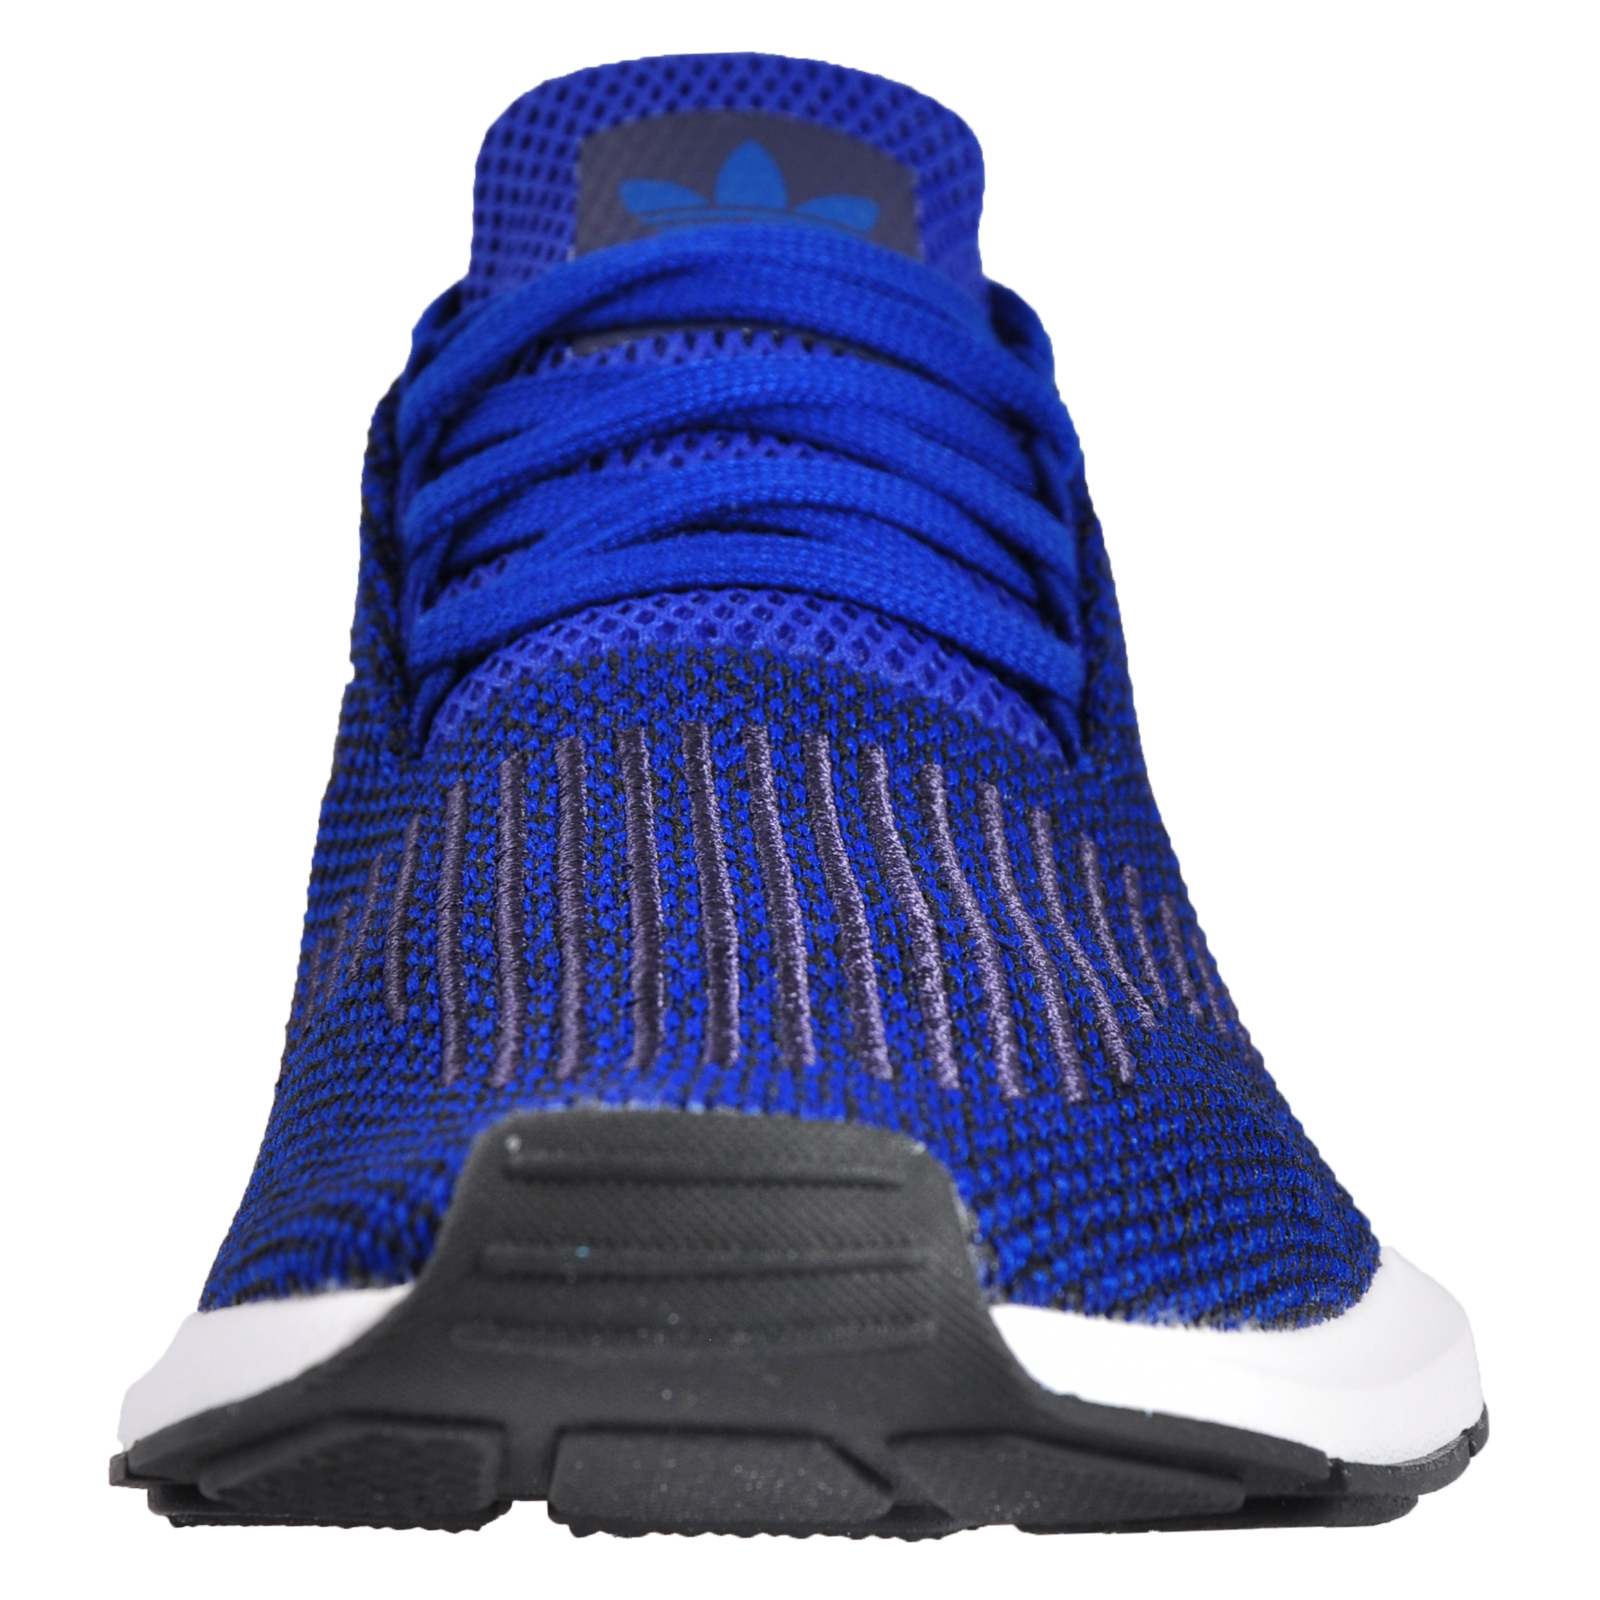 Detalles de Adidas Originals Swift Run Hombre Retro Casual Correr Gimnasio Zapatillas Marino